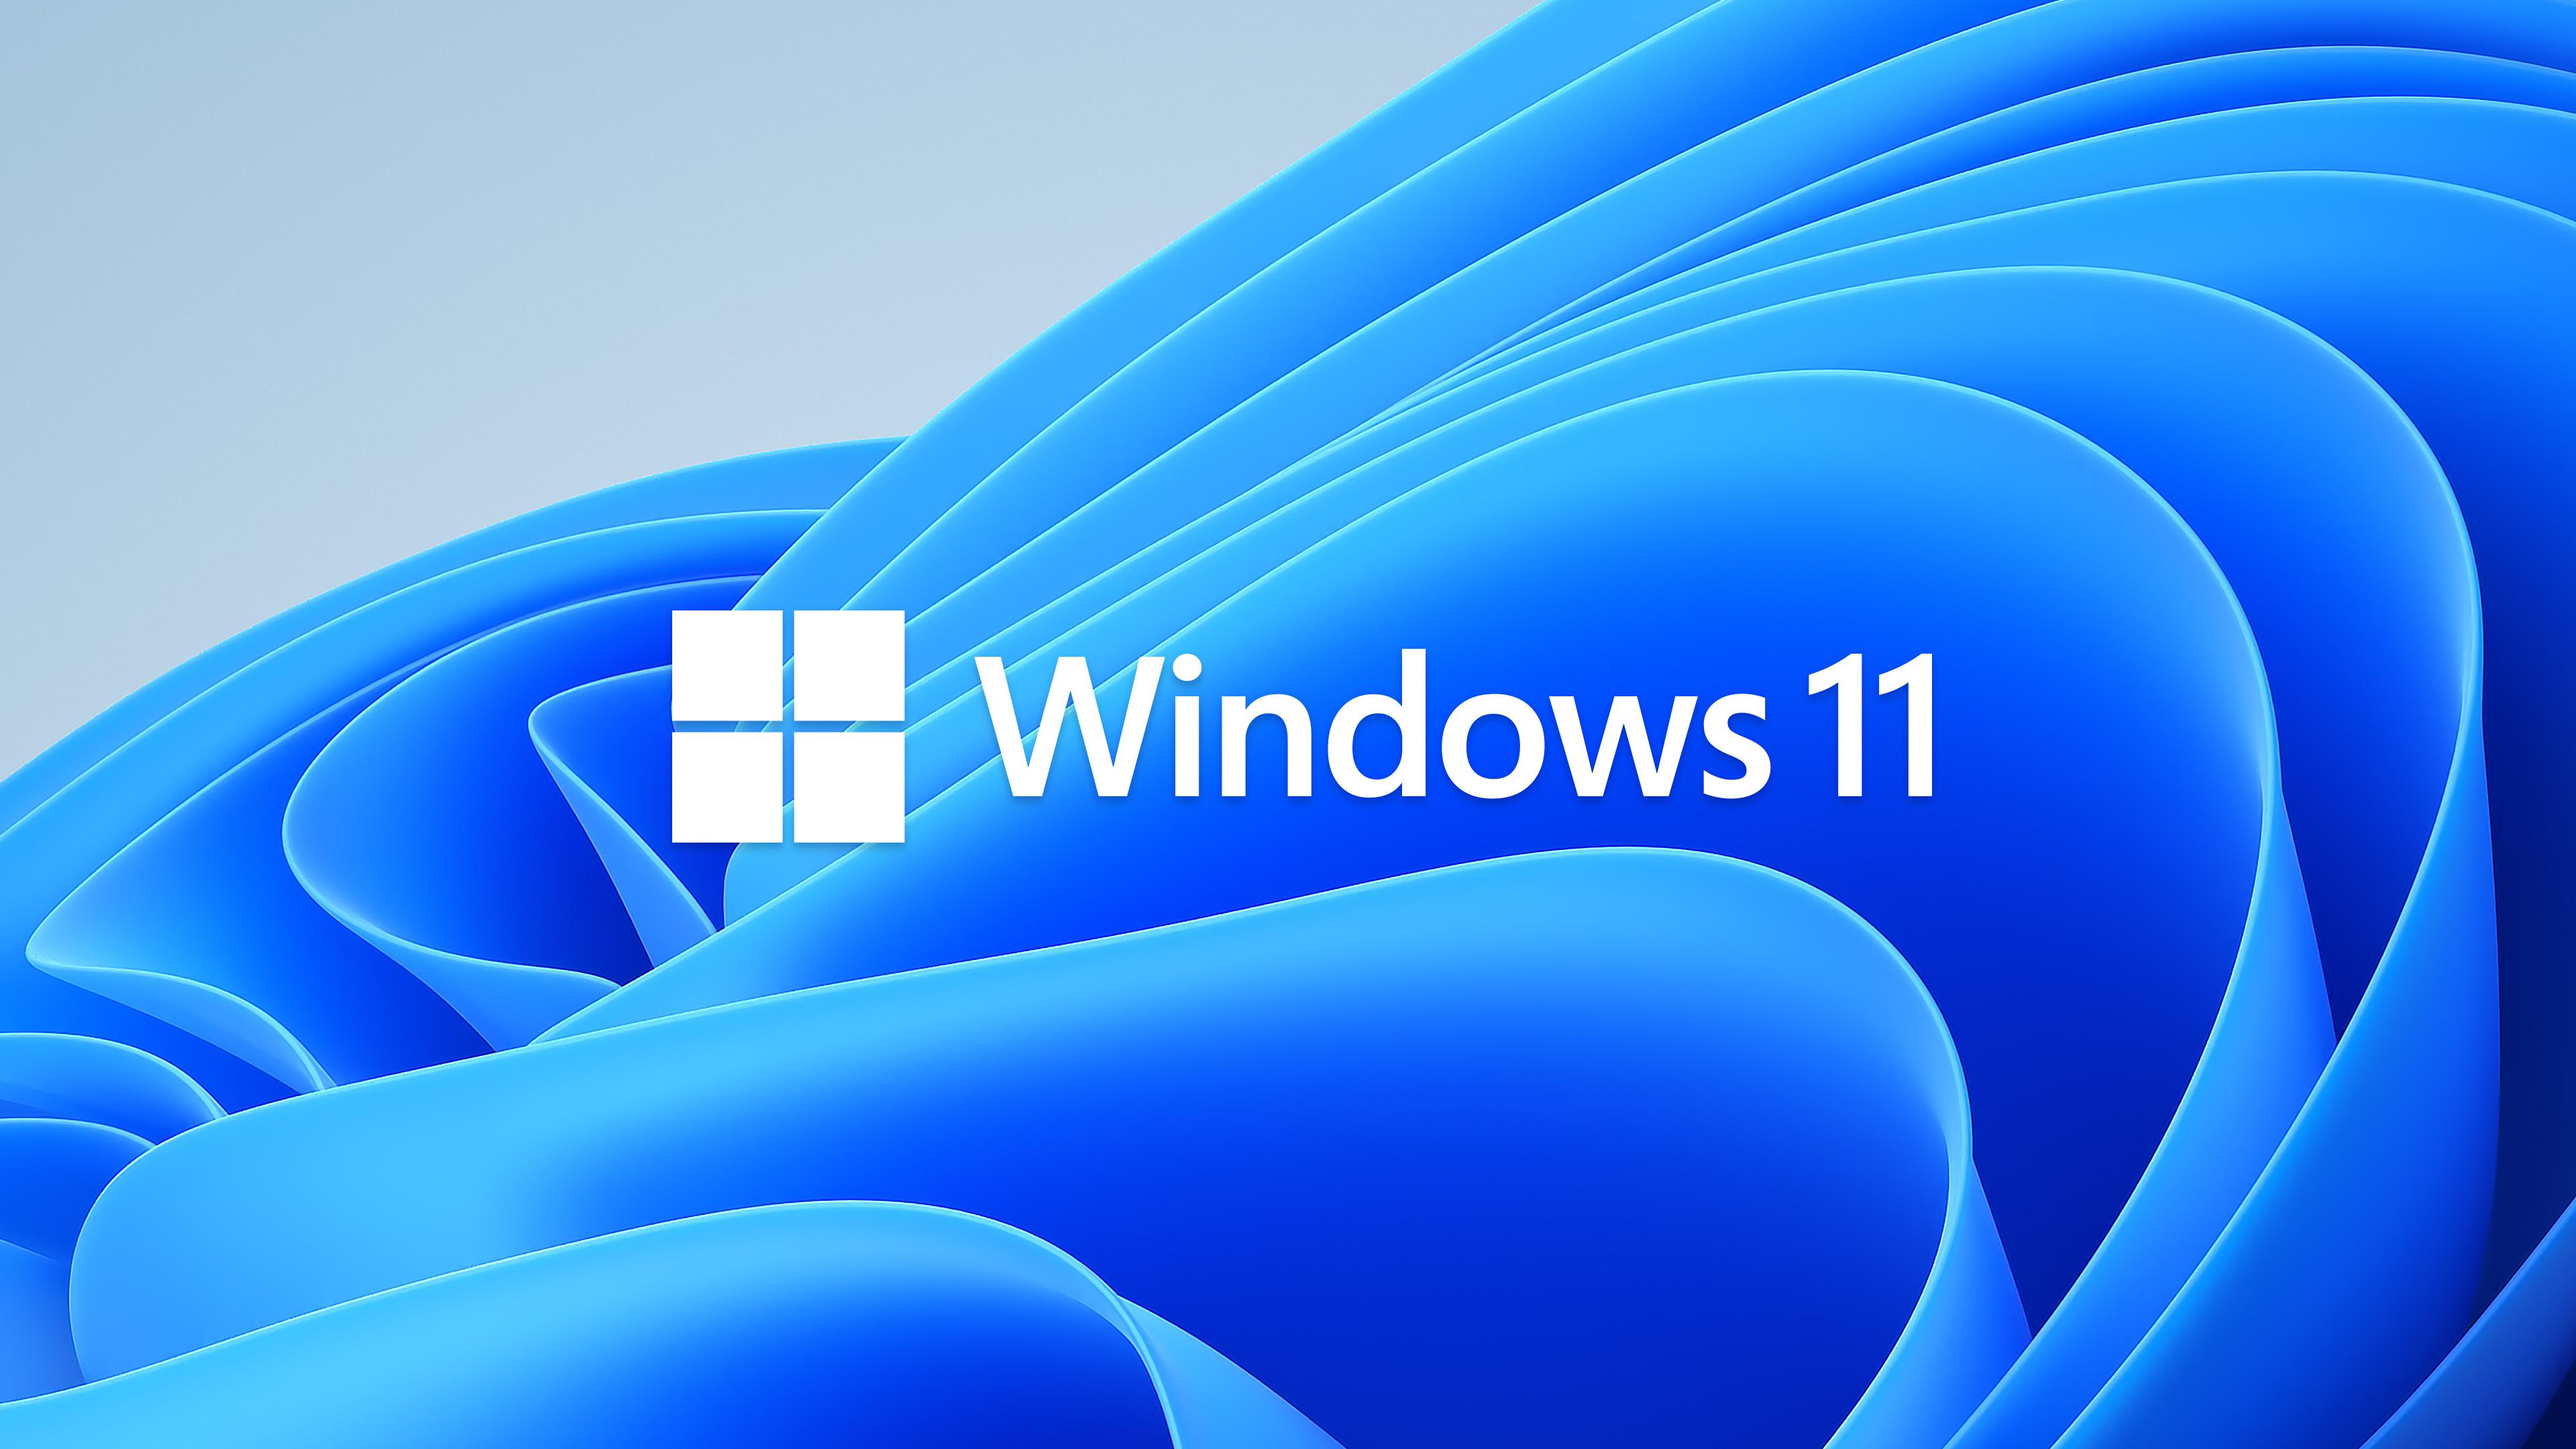 Windows 11 Hakkında: Çıkış Tarihi, Gereksinimler ve Daha Fazlası